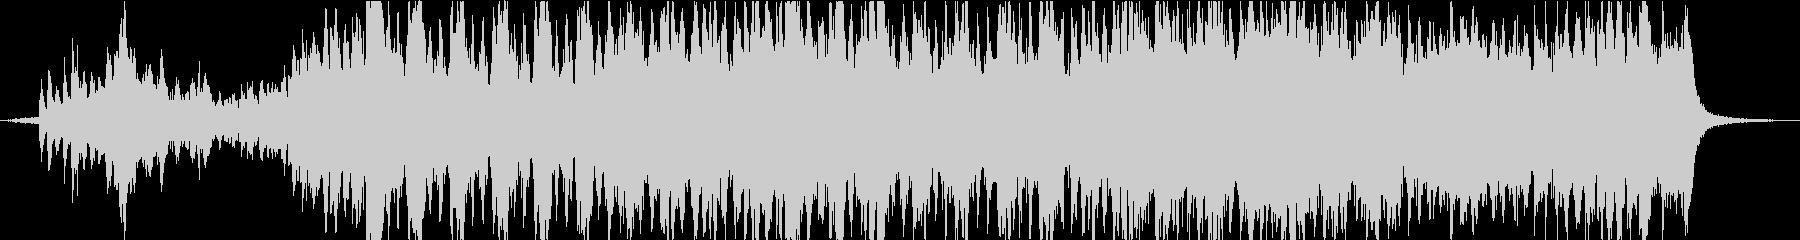 疾走感が半端ないオーケストラ(短縮版)の未再生の波形